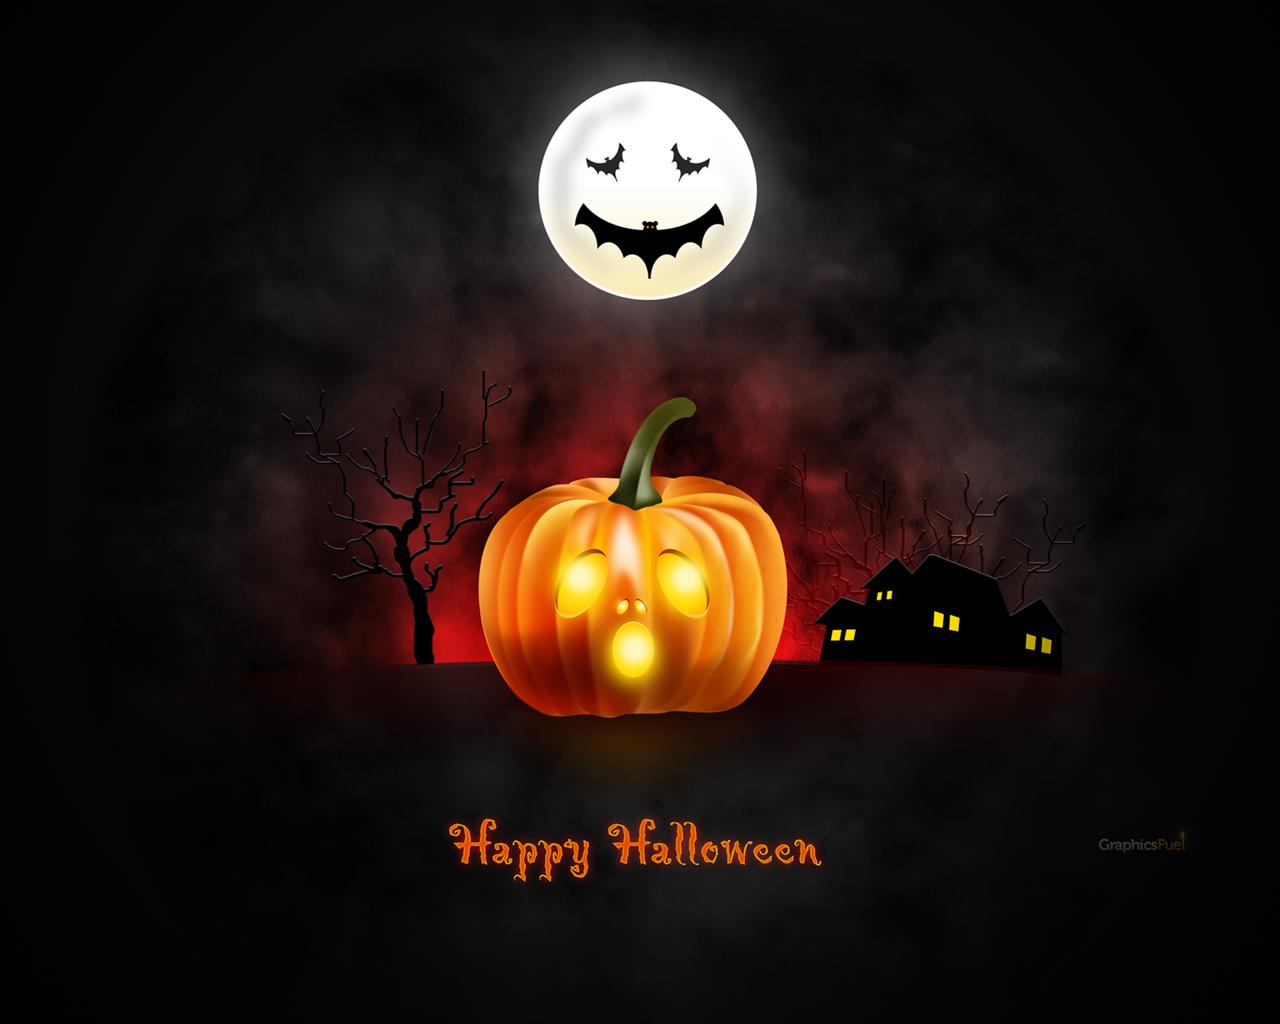 Fall Pumpkin Iphone Wallpaper Halloween Wallpaper For Desktop Ipad Amp Iphone Psd